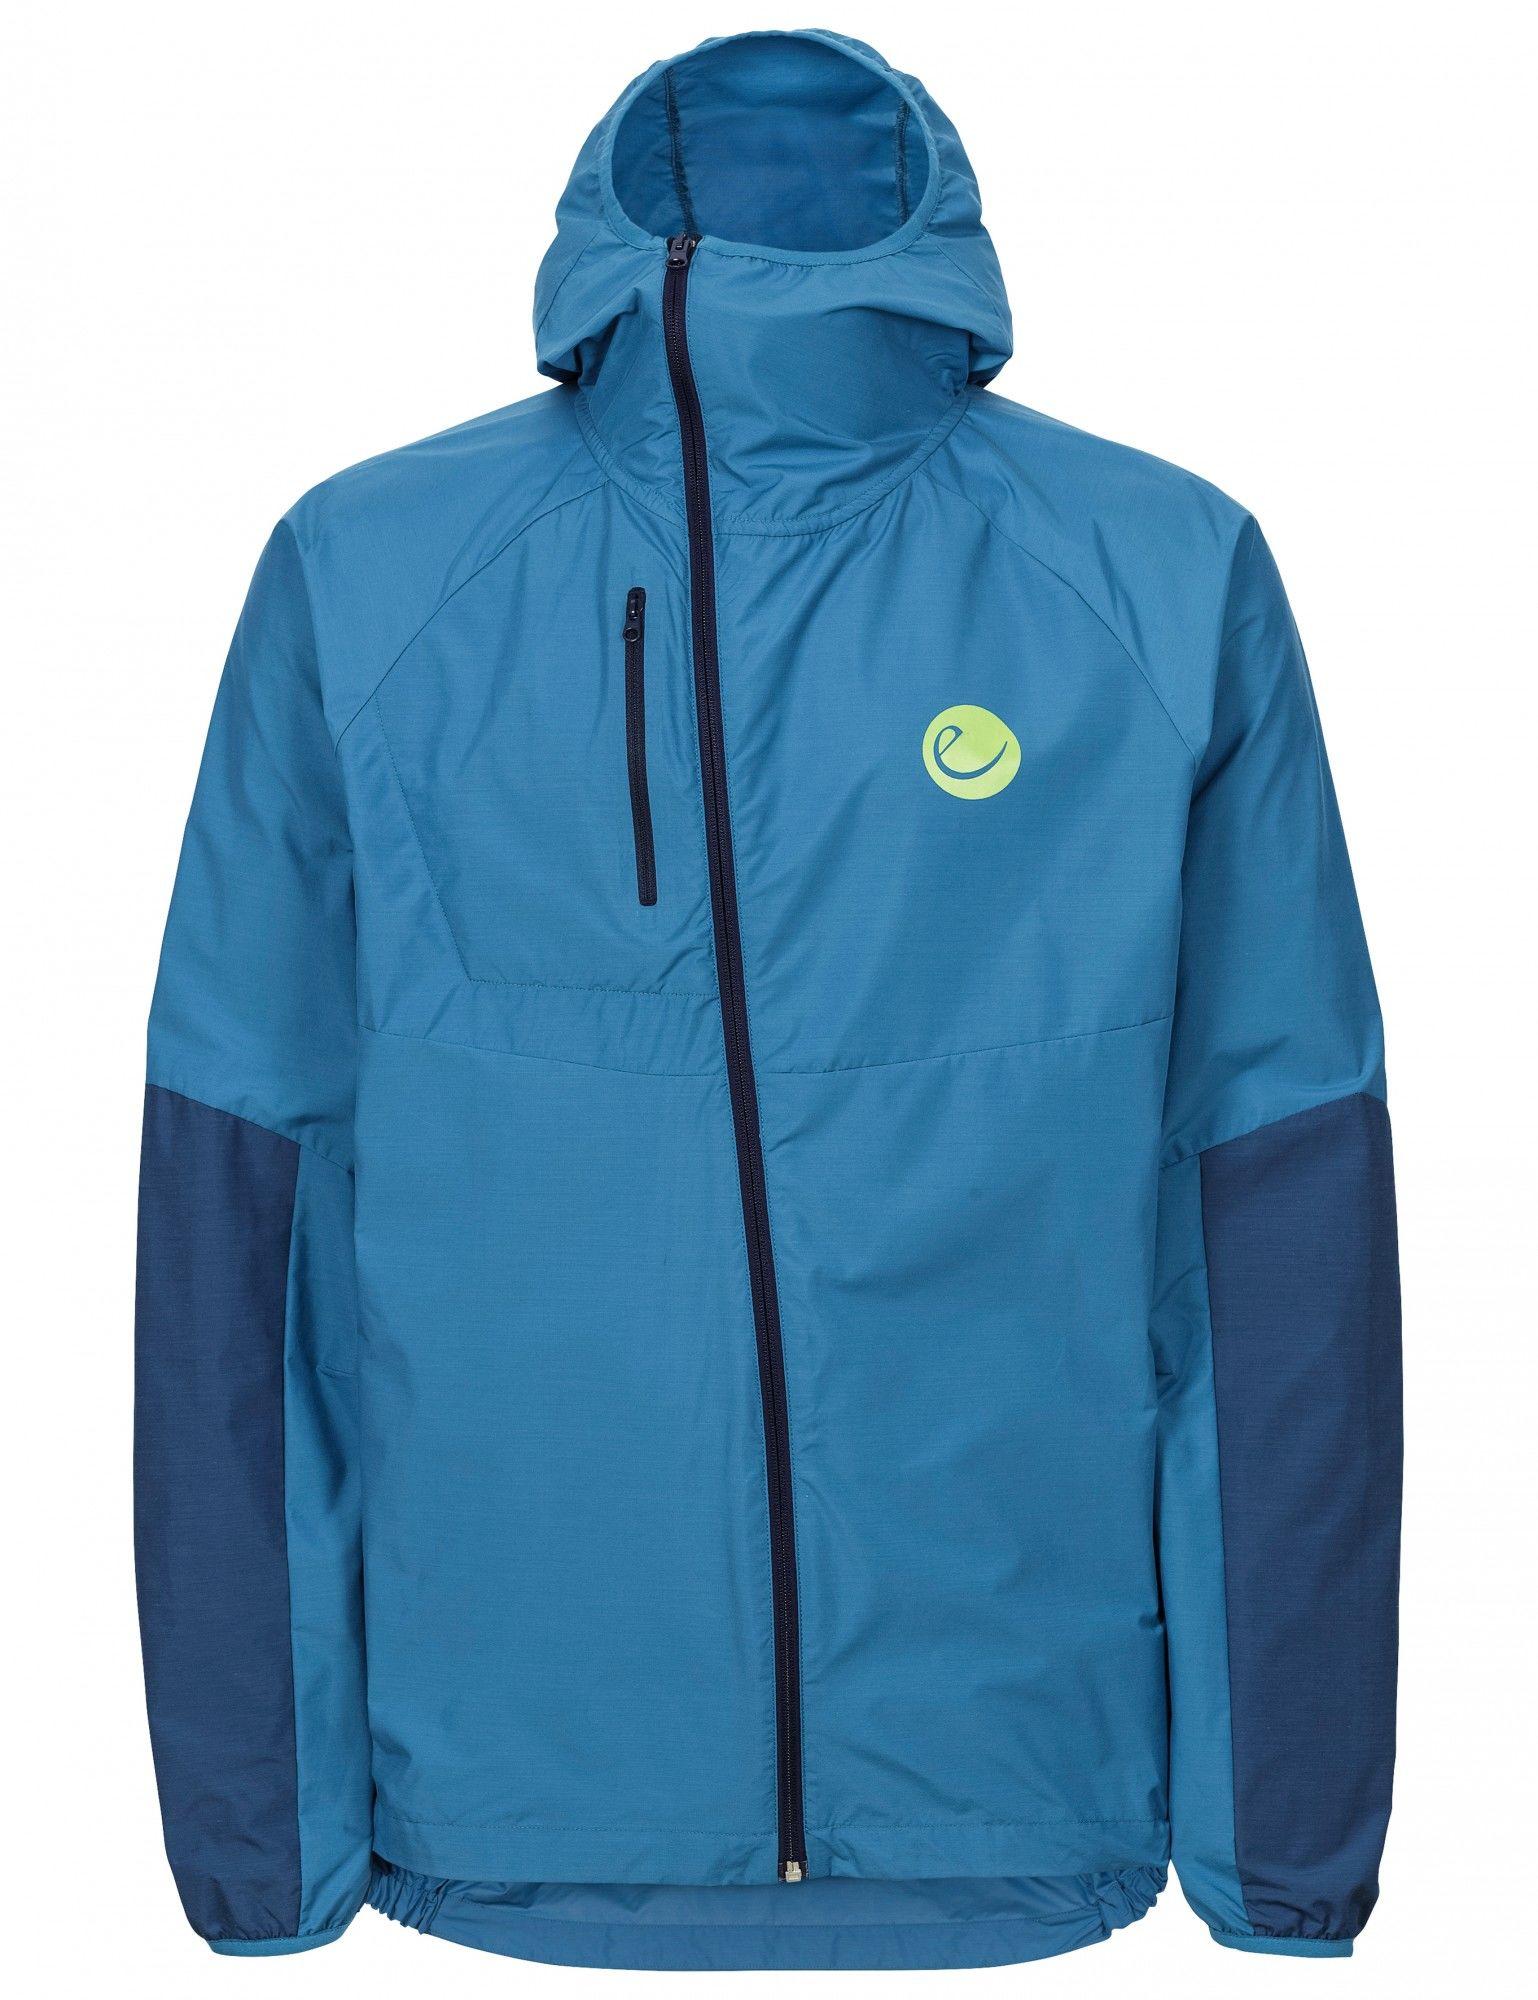 Edelrid Windlord Jacket Blau, Male Freizeitjacke, XS